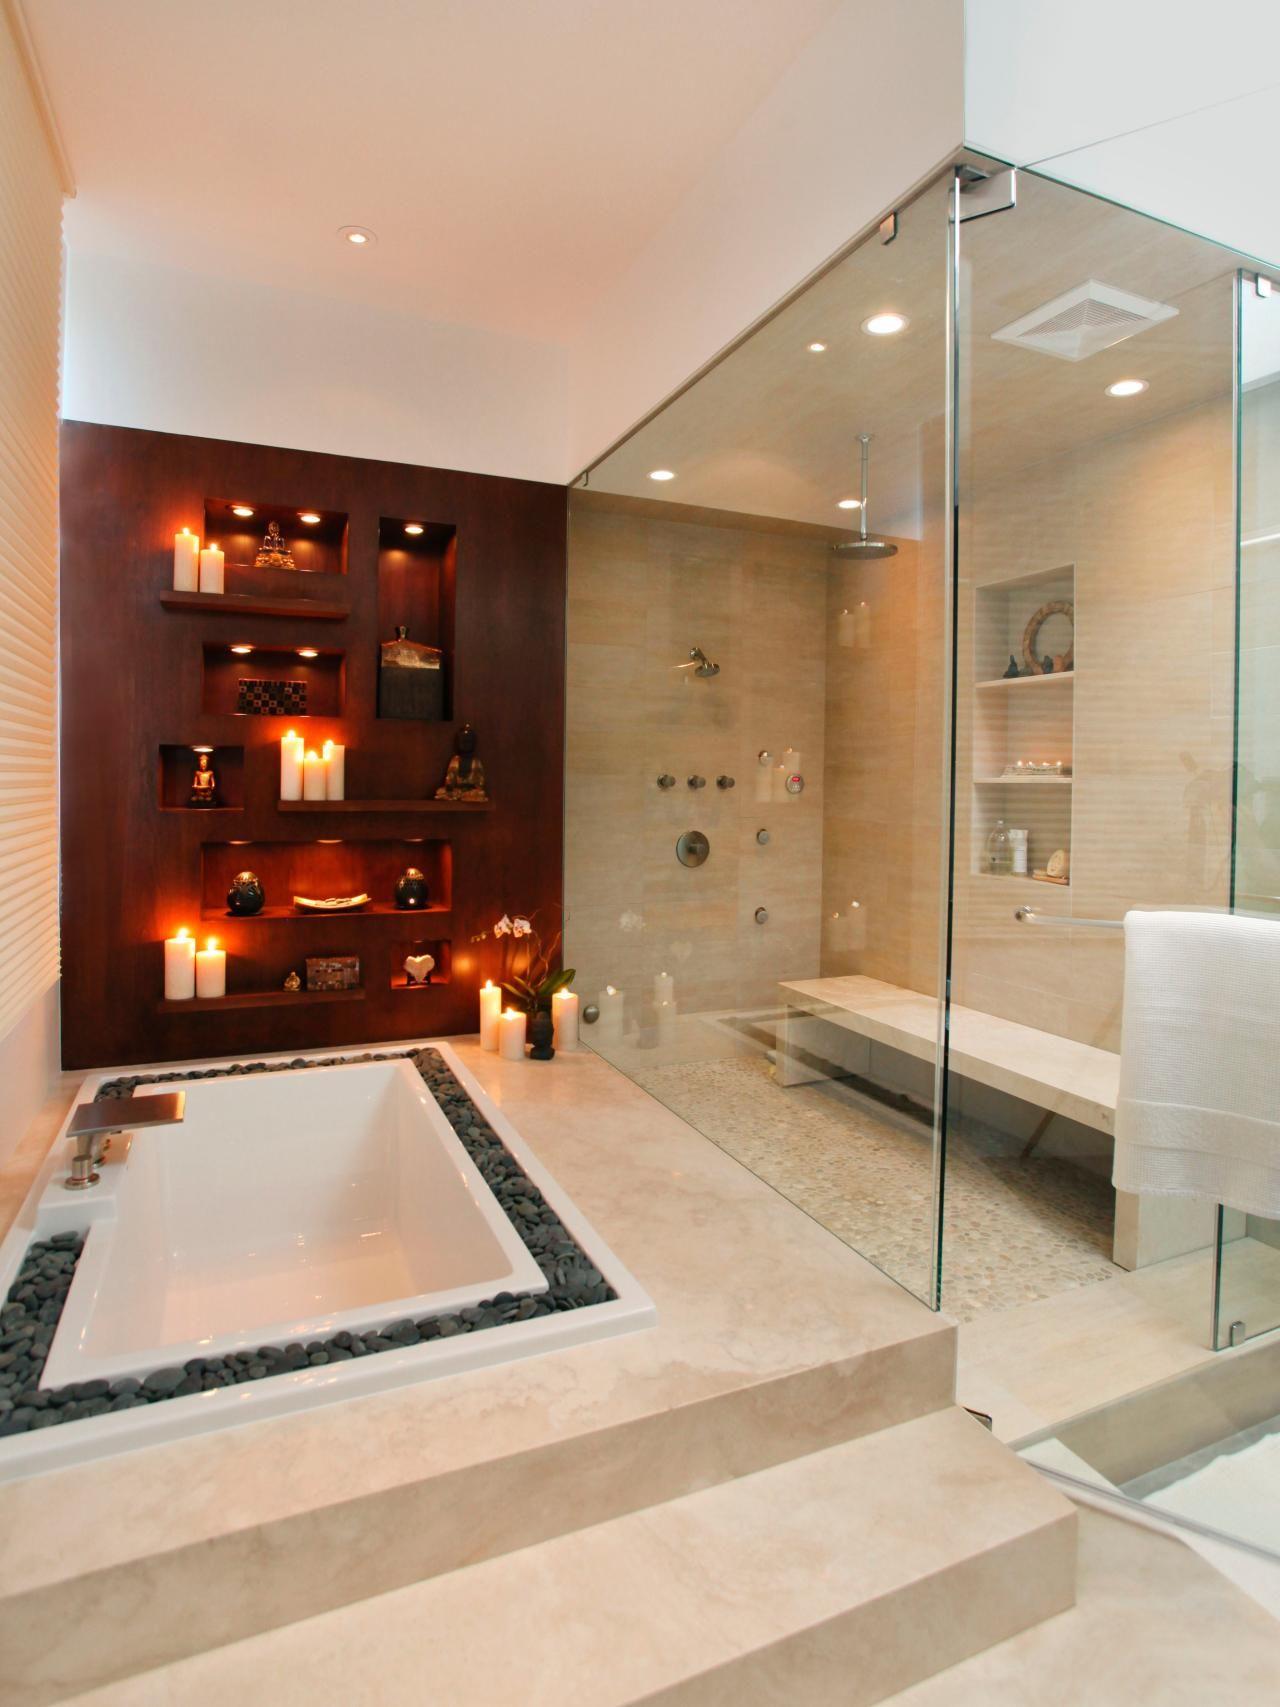 Une grande baignoire et une immense douche  l italienne pour